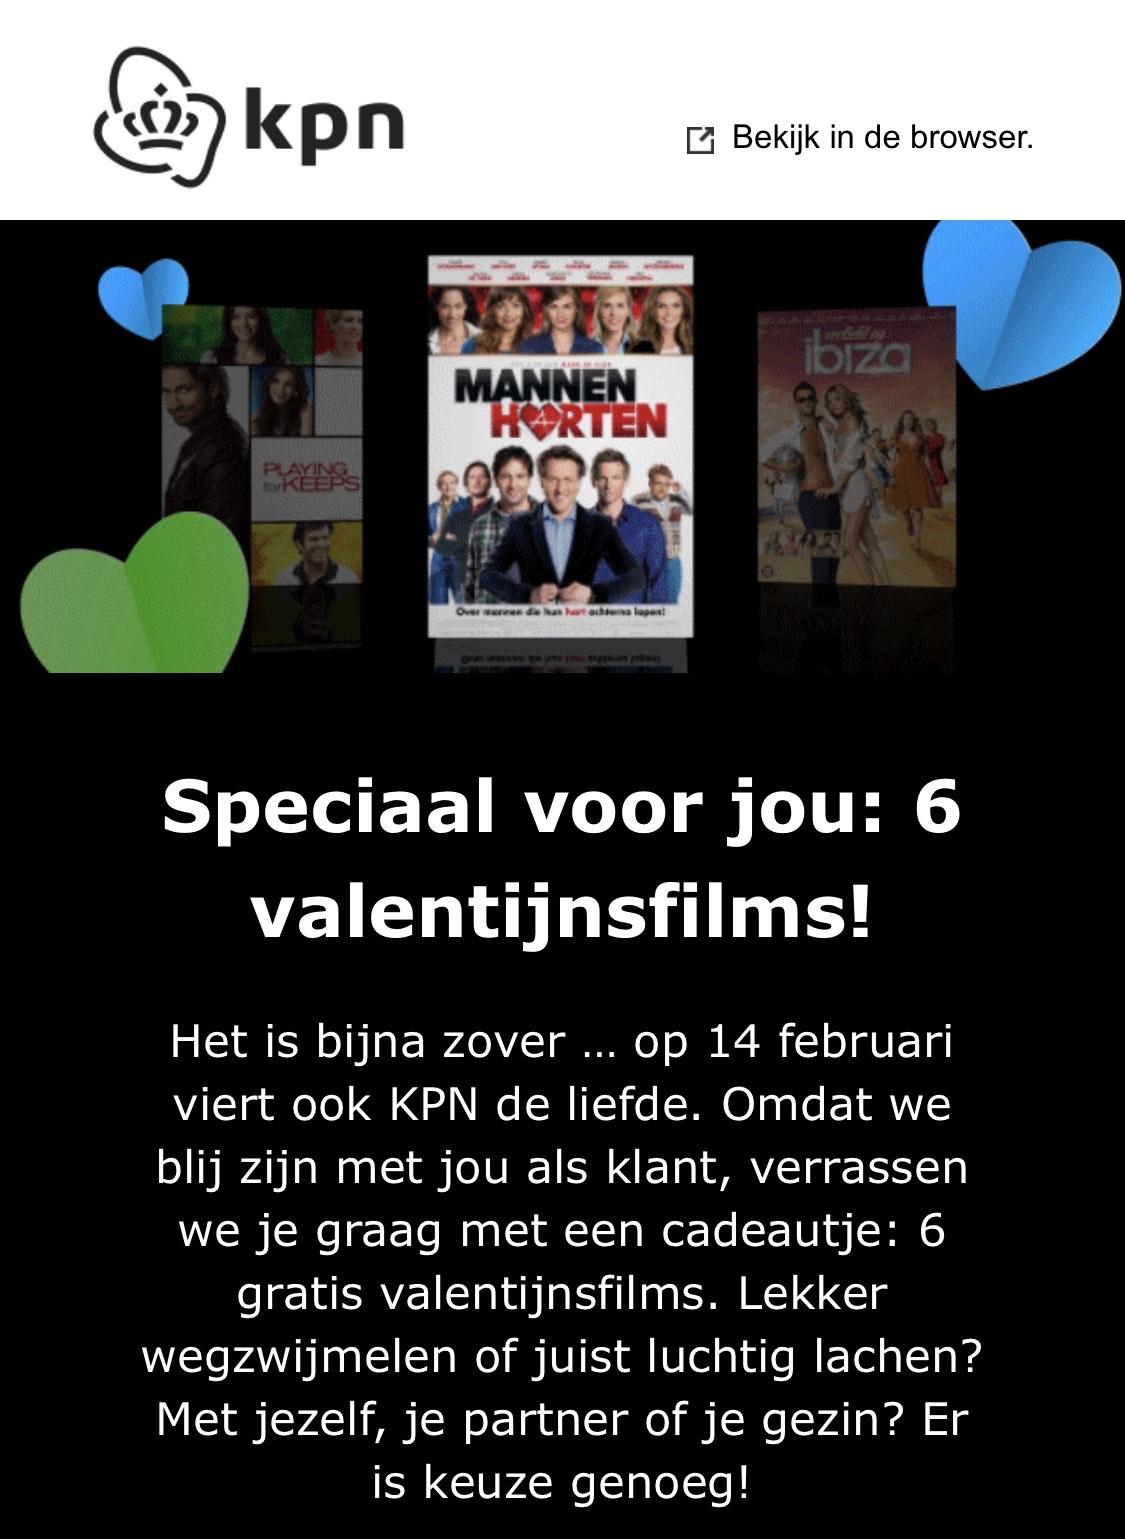 [KPN] Speciaal voor iTV-klanten: 6 gratis valentijnfilms